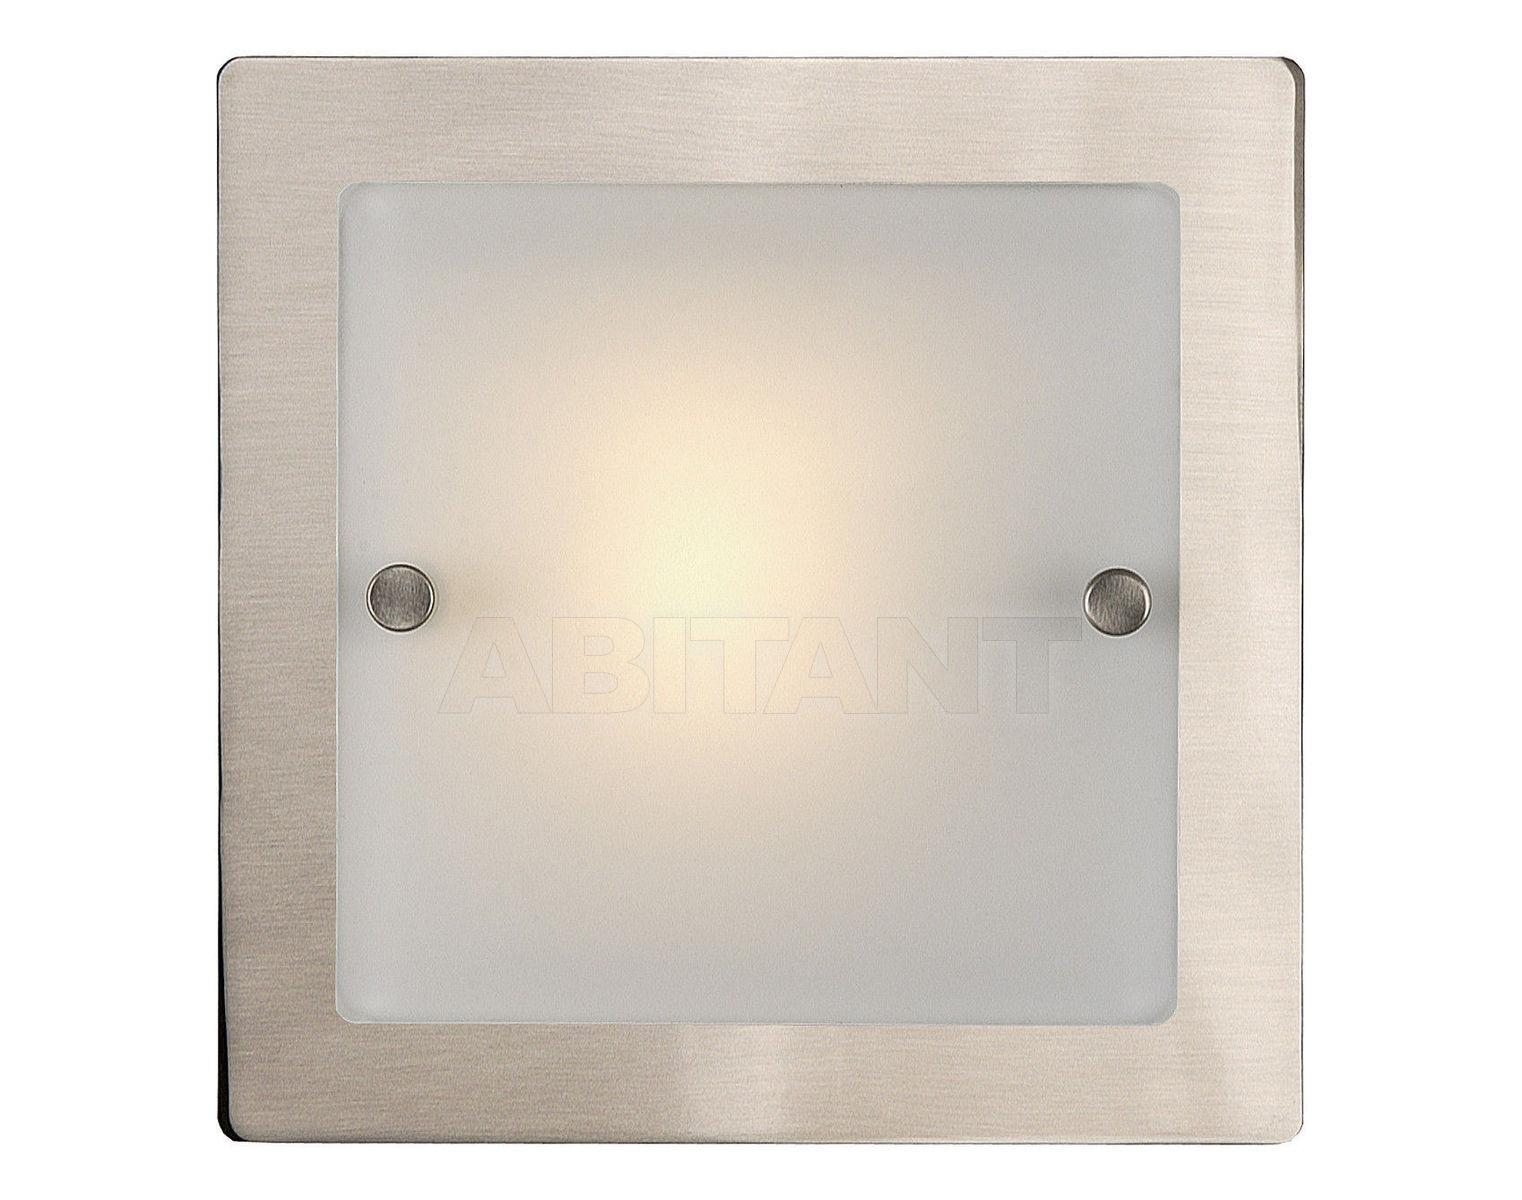 Купить Светильник настенный LARGOT Lucide  Ceiling & Wall Lights 16227/21/12